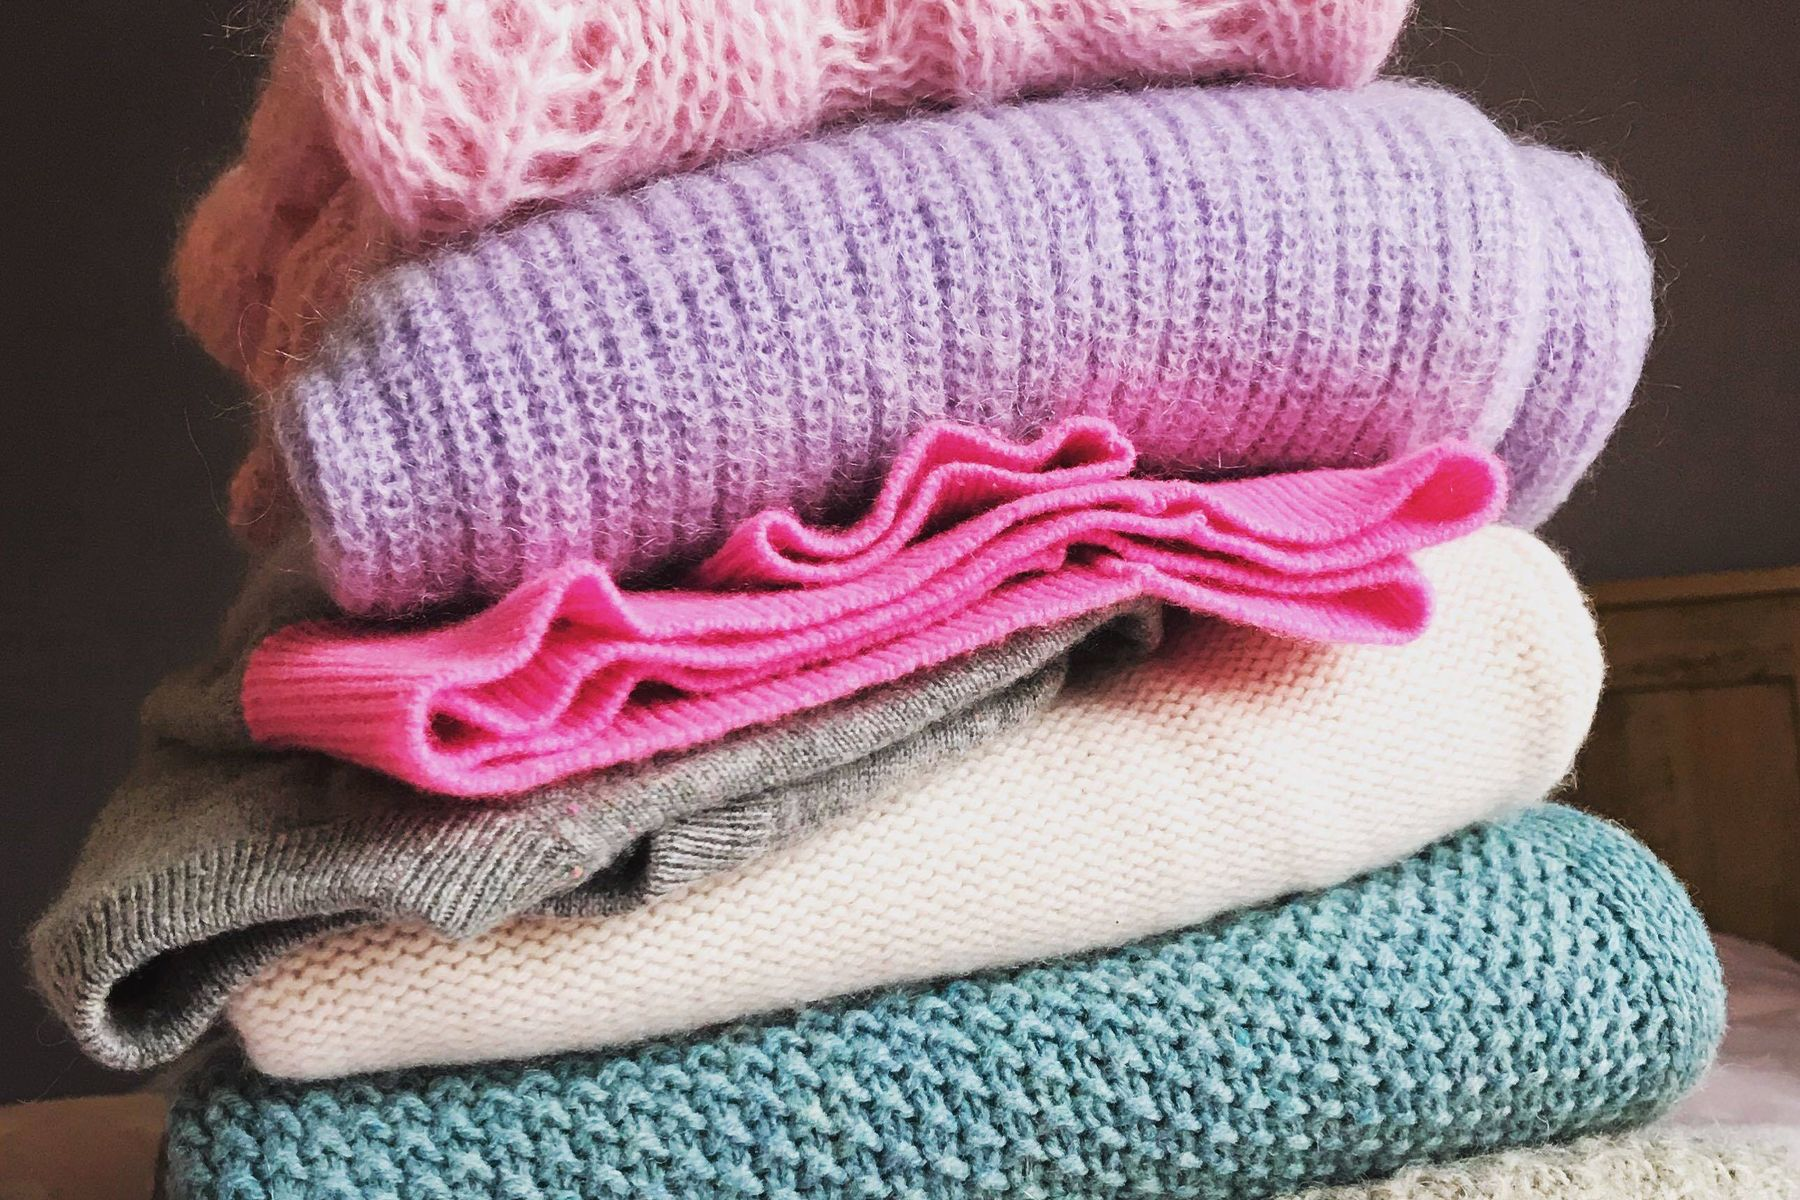 Temizlik ve Hijyen için Kıyafetleri Her gün Yıkamak Gerekli mi?